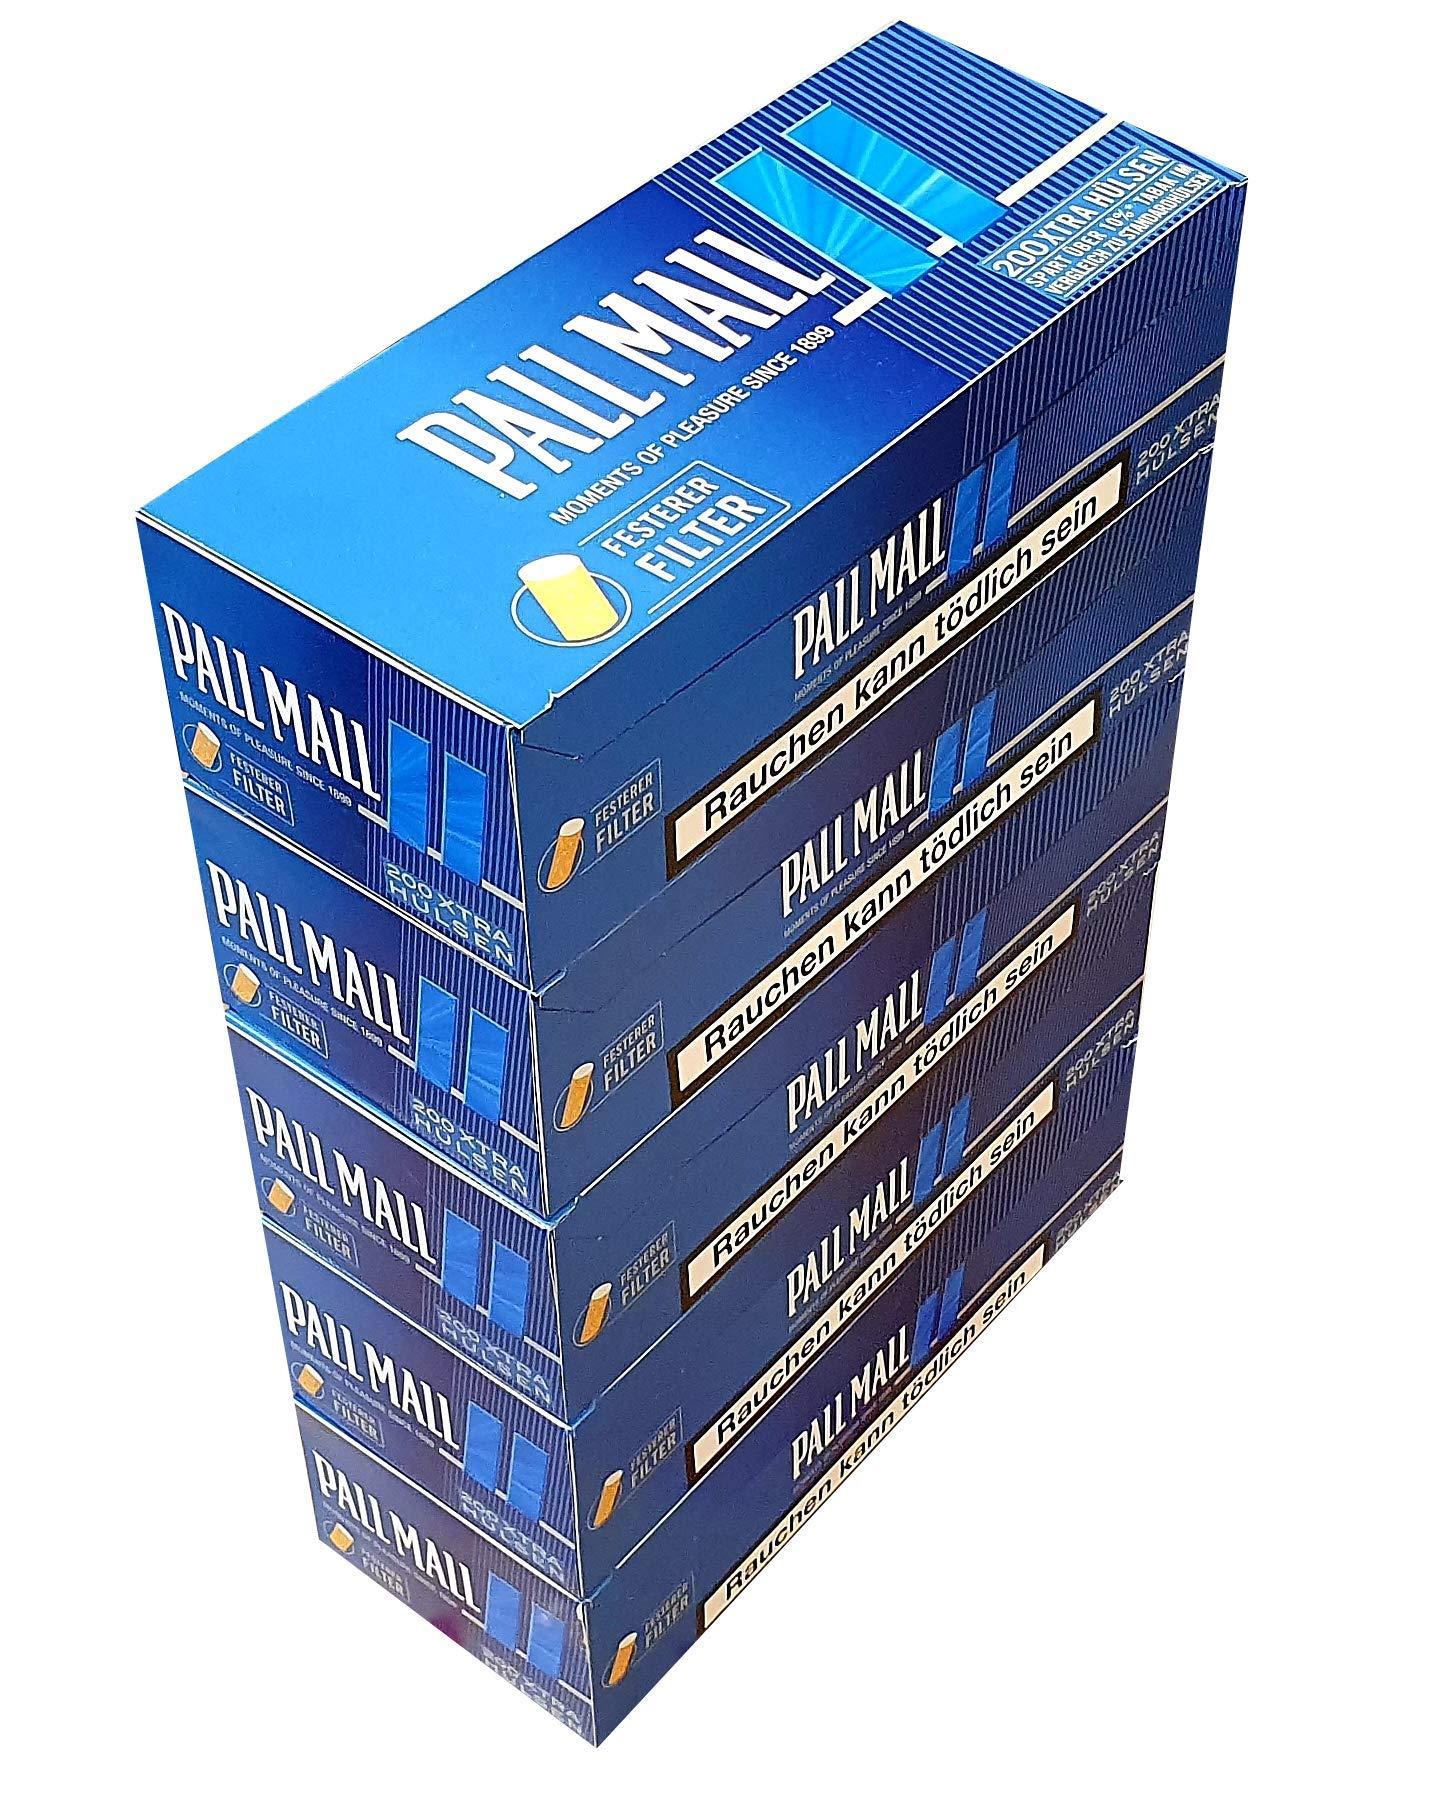 E cigarette pall mall washington cigarette prices